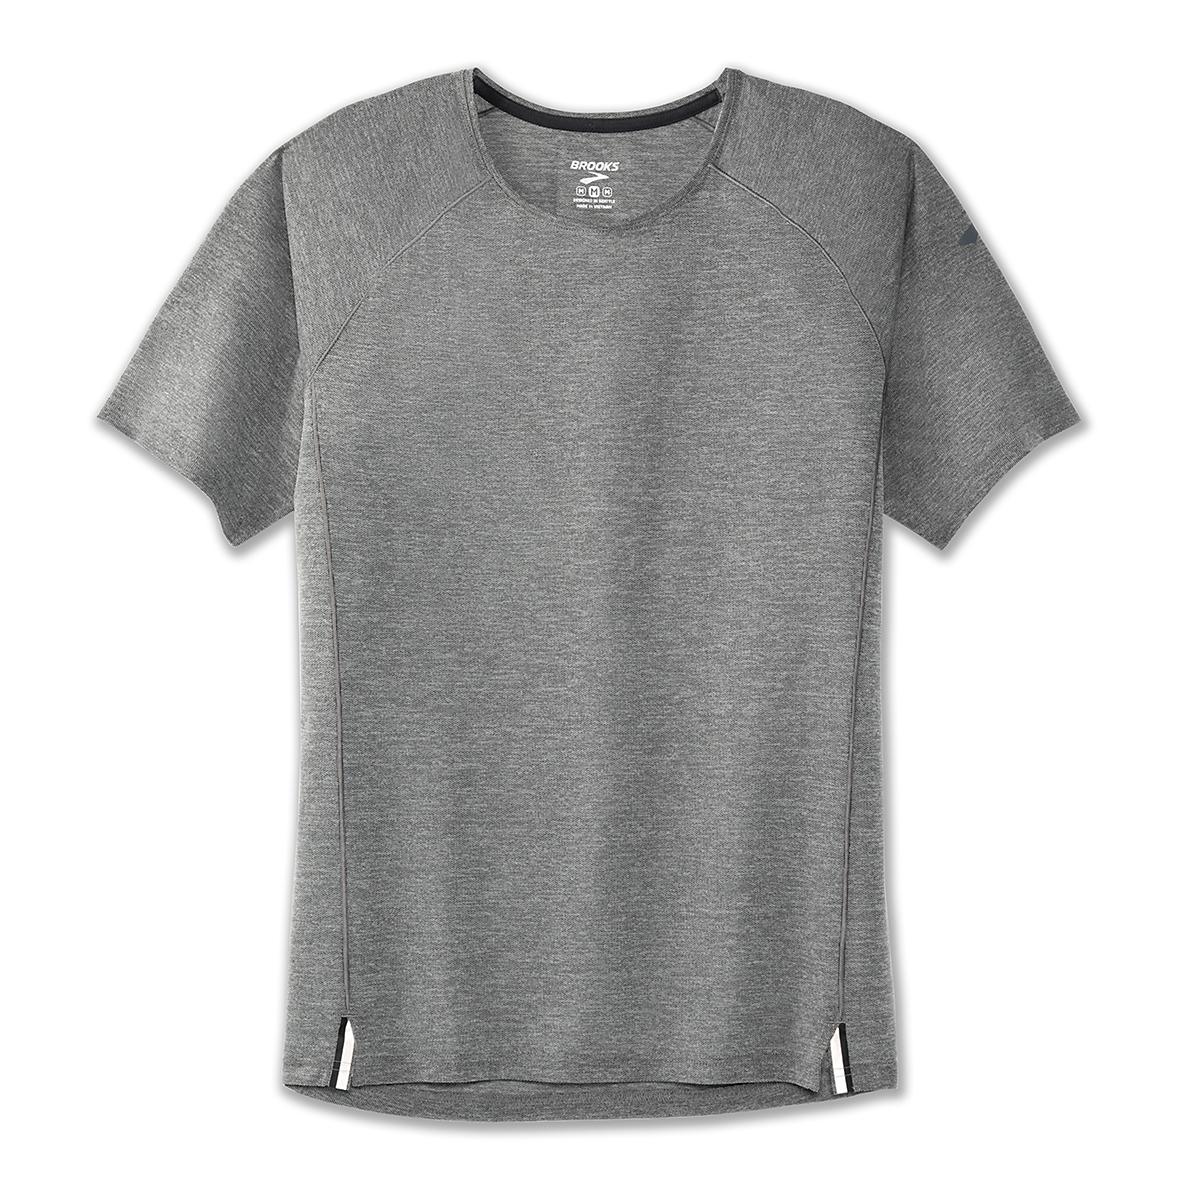 Men's Brooks Ghost Short Sleeve - Color: Heather Asphalt - Size: S, Heather Asphalt, large, image 1